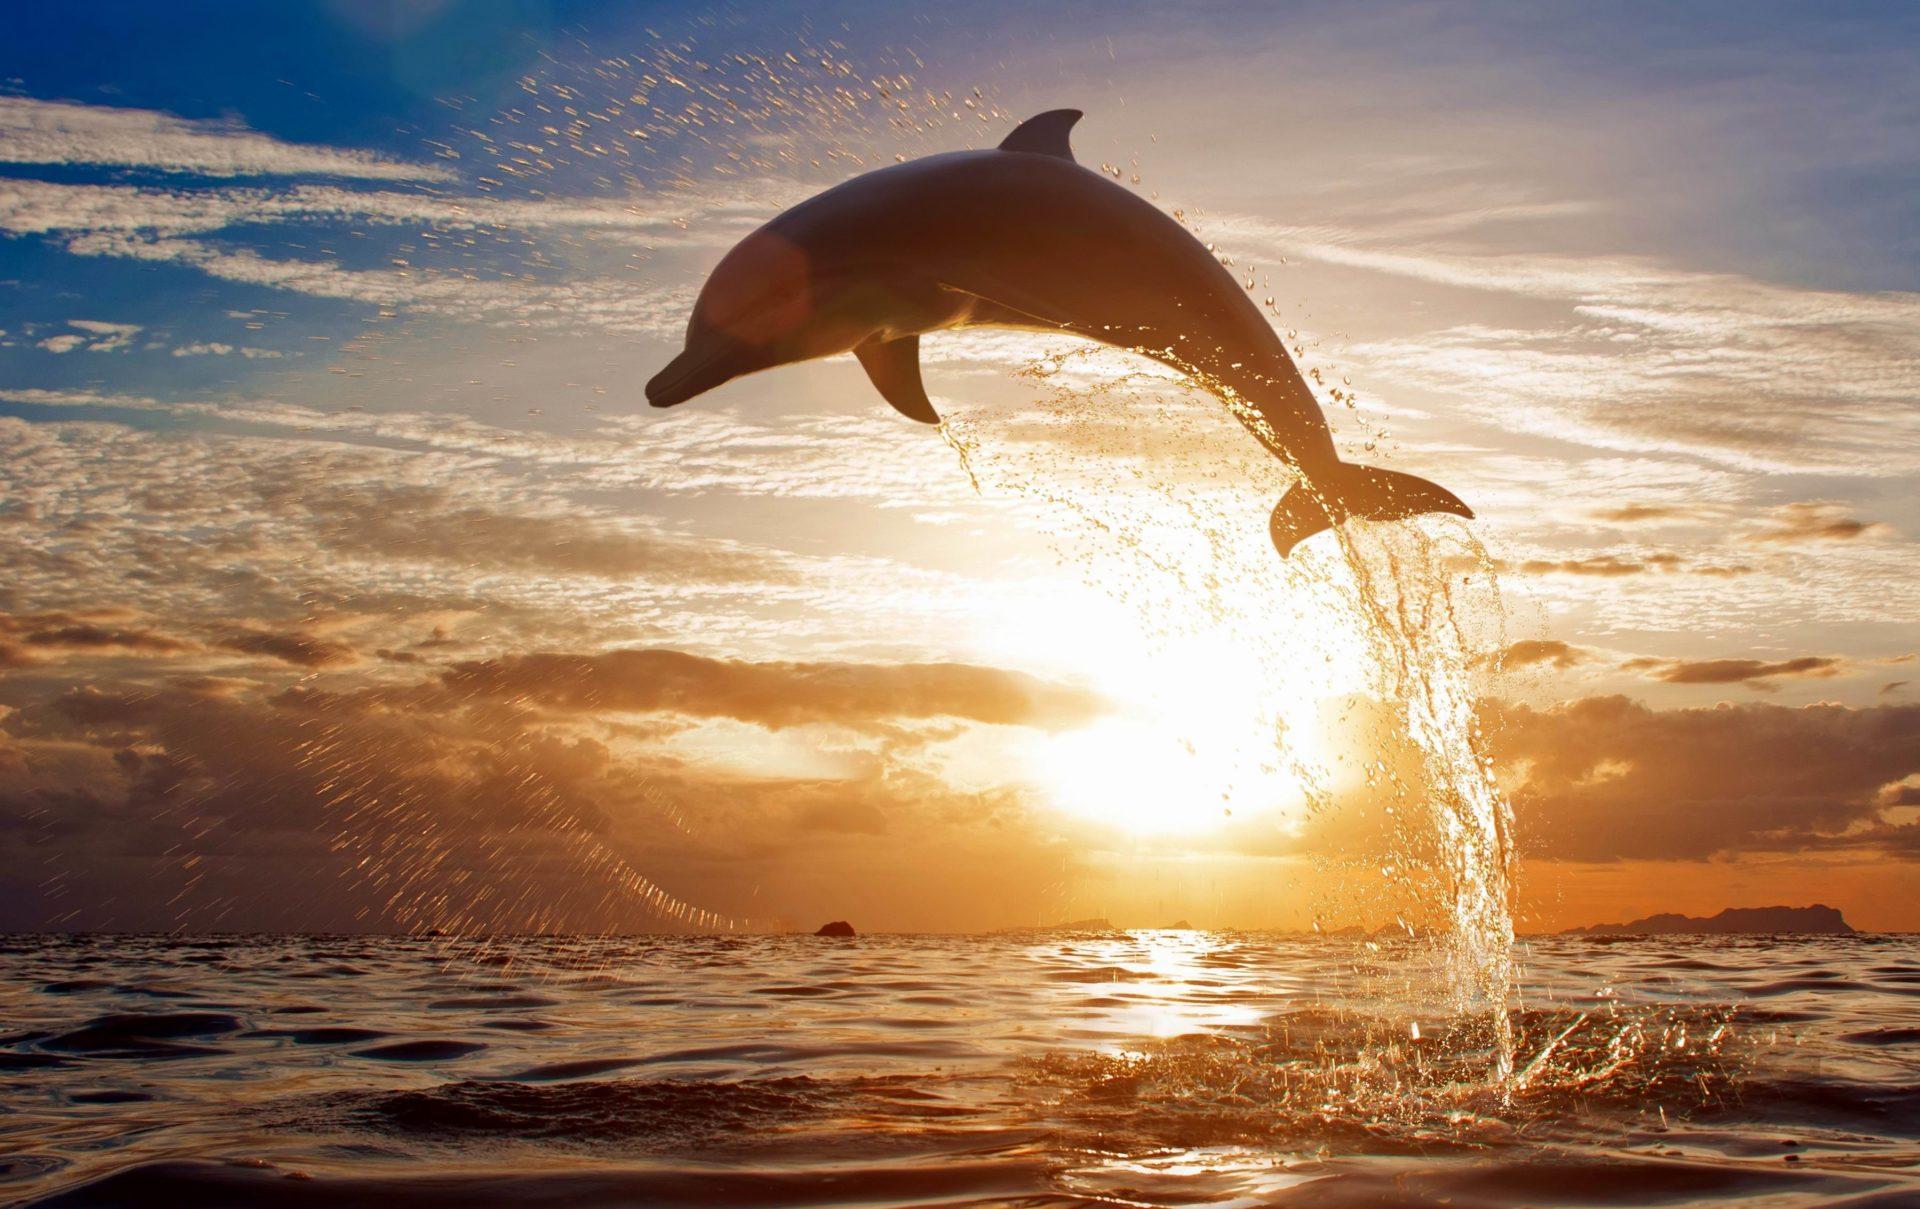 Свистящие языки людей помогут в расшифровке речи дельфинов